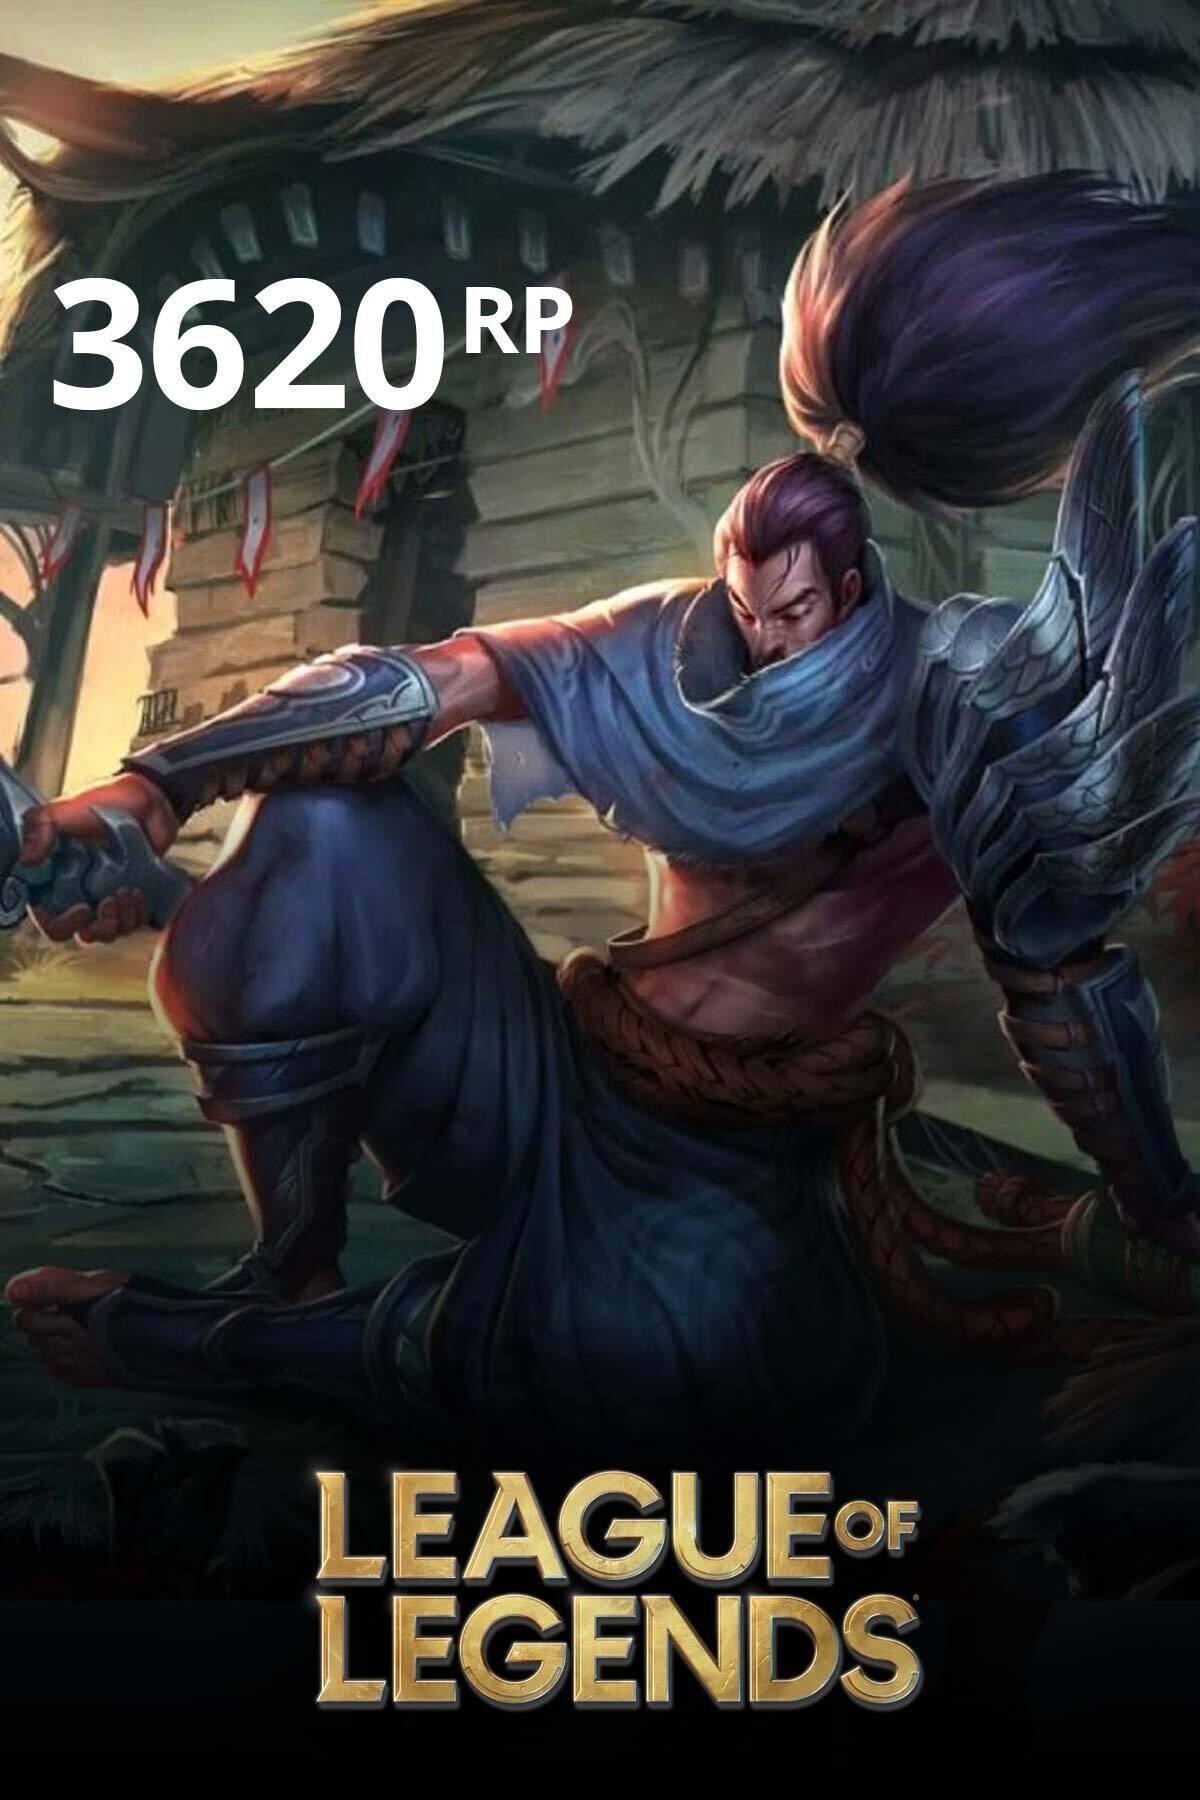 Riot Games League Of Legends 3620 Rp TR